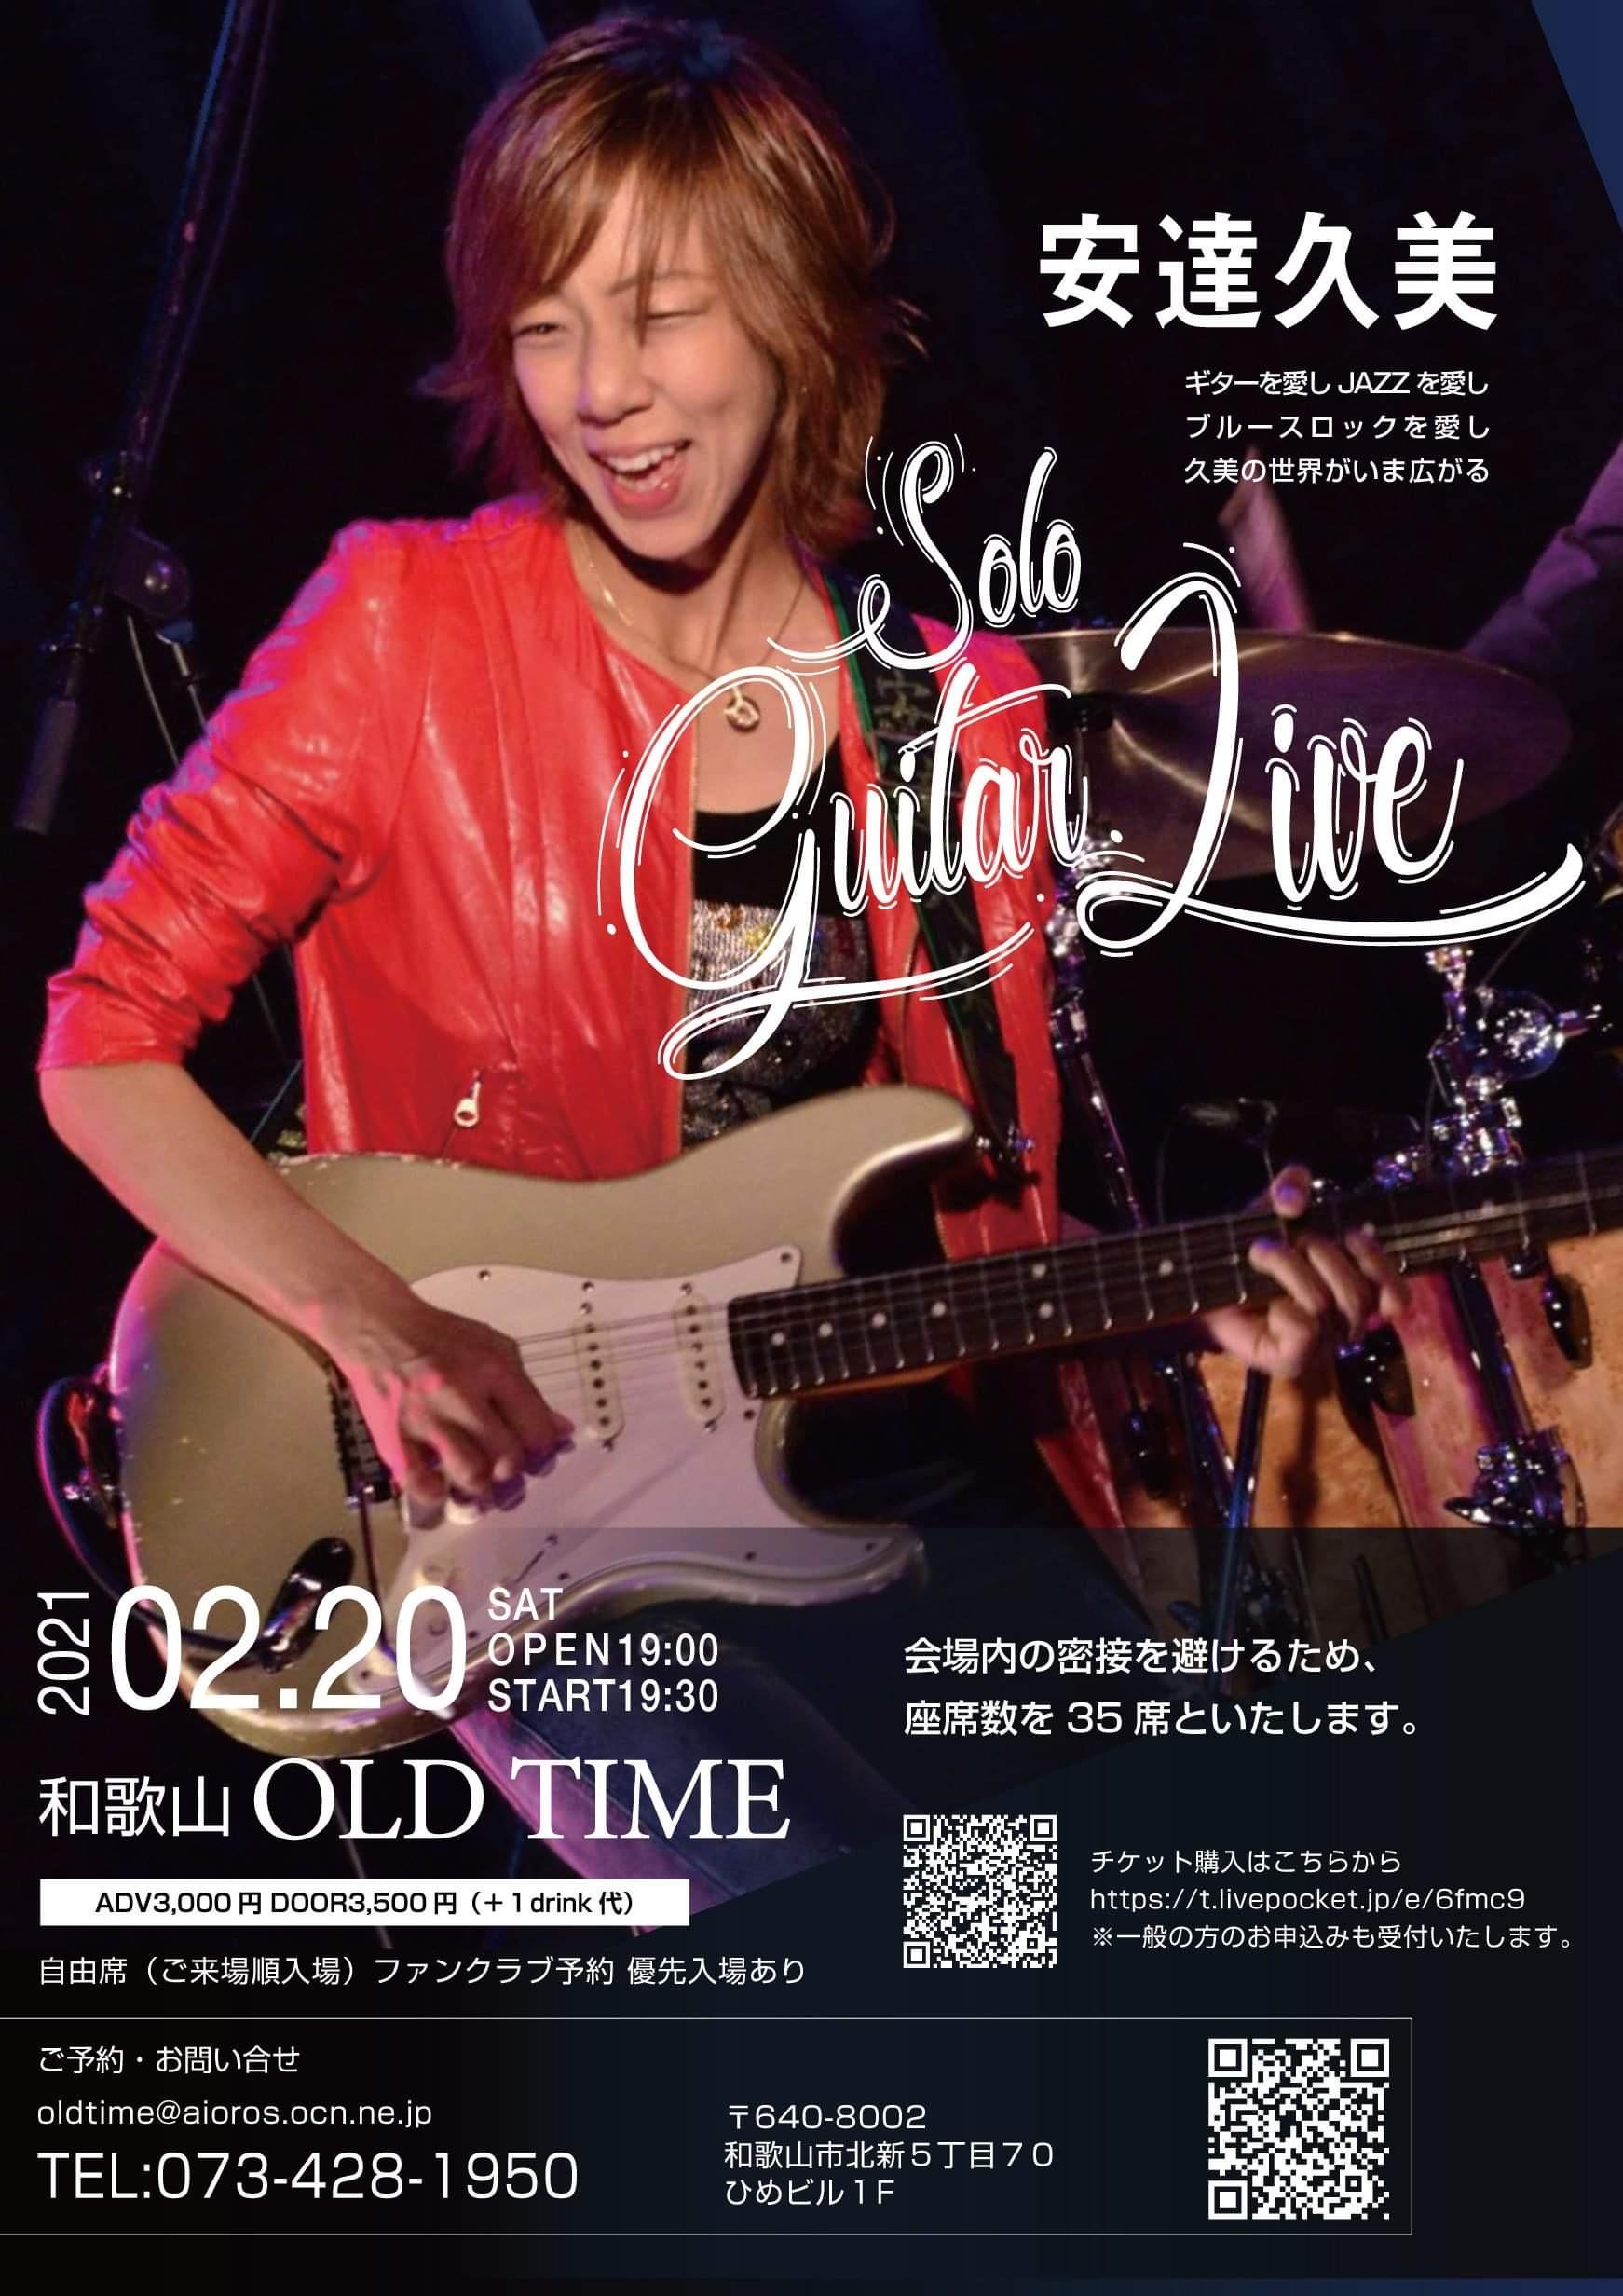 安達久美ソロギターライブ